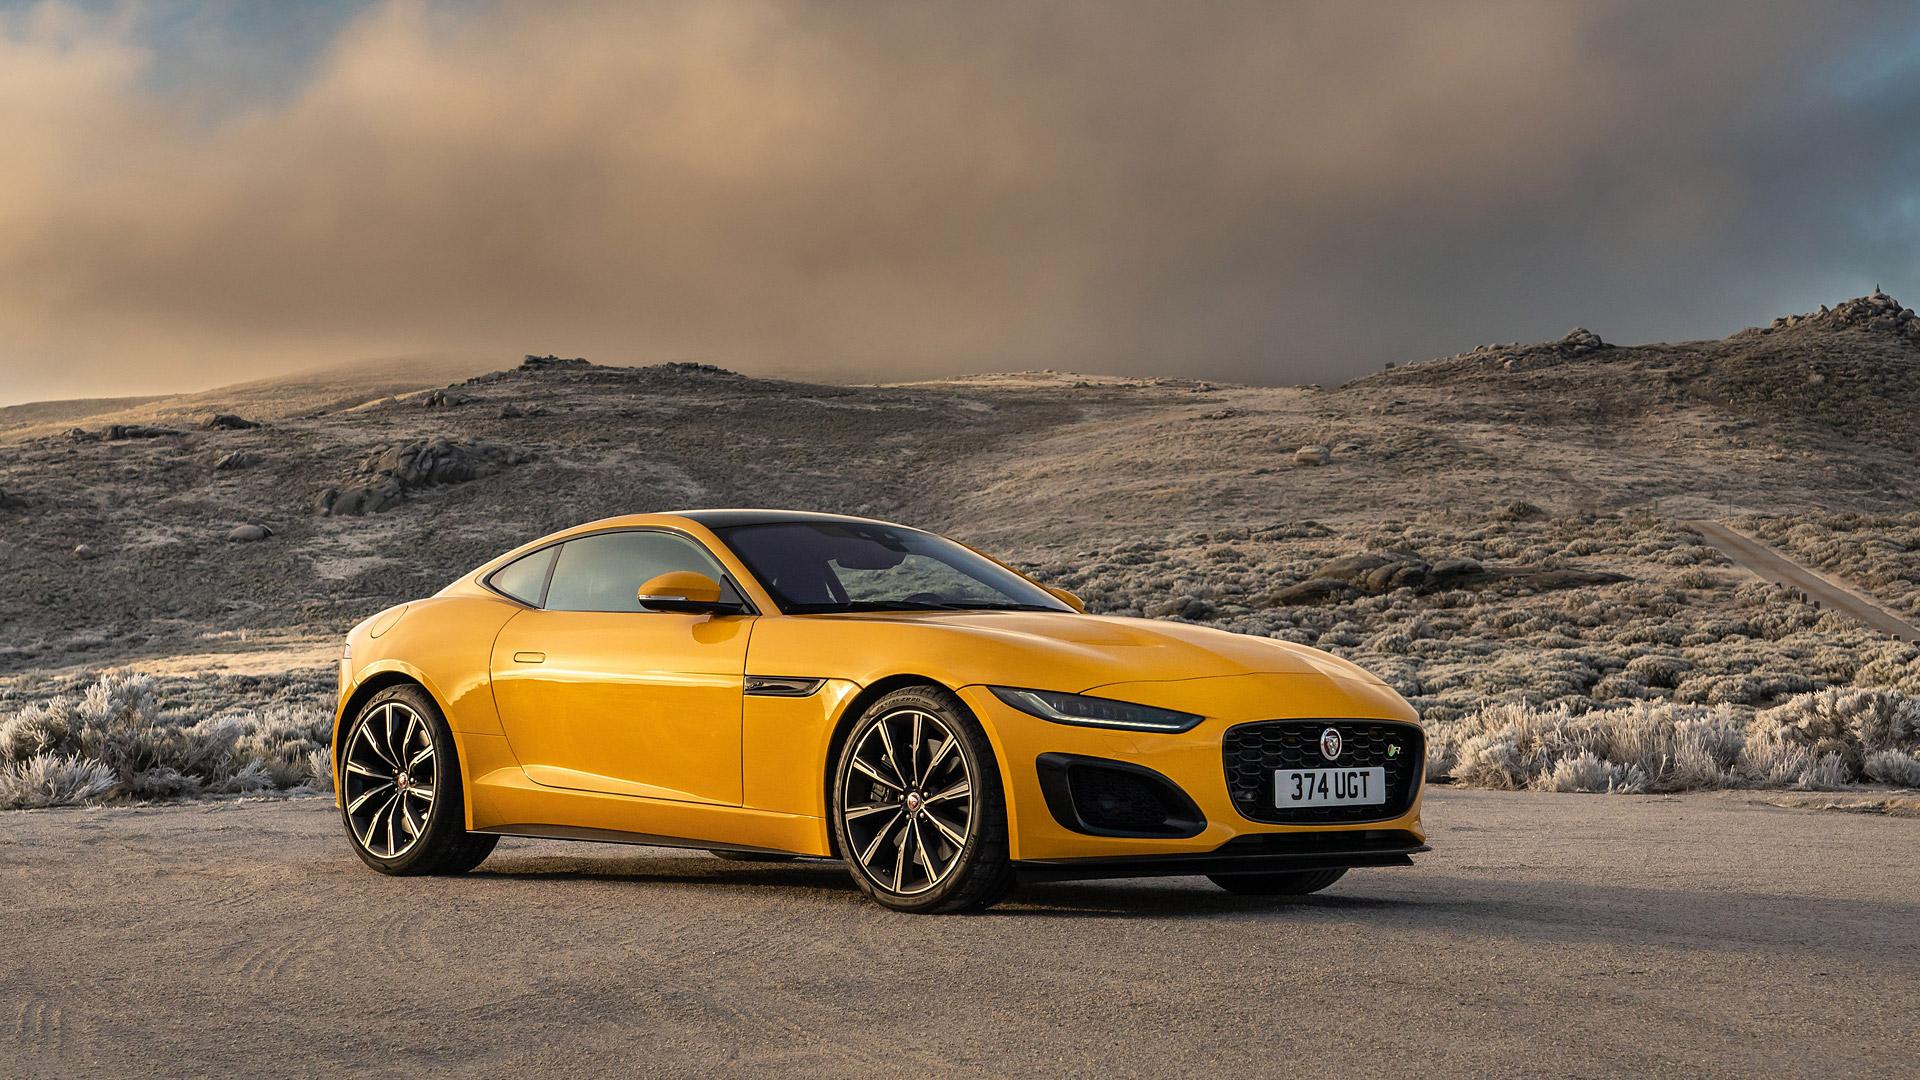 Jaguar F-type ปี 2020 ลุคใหม่ สปอร์ทไปอีกขั้น